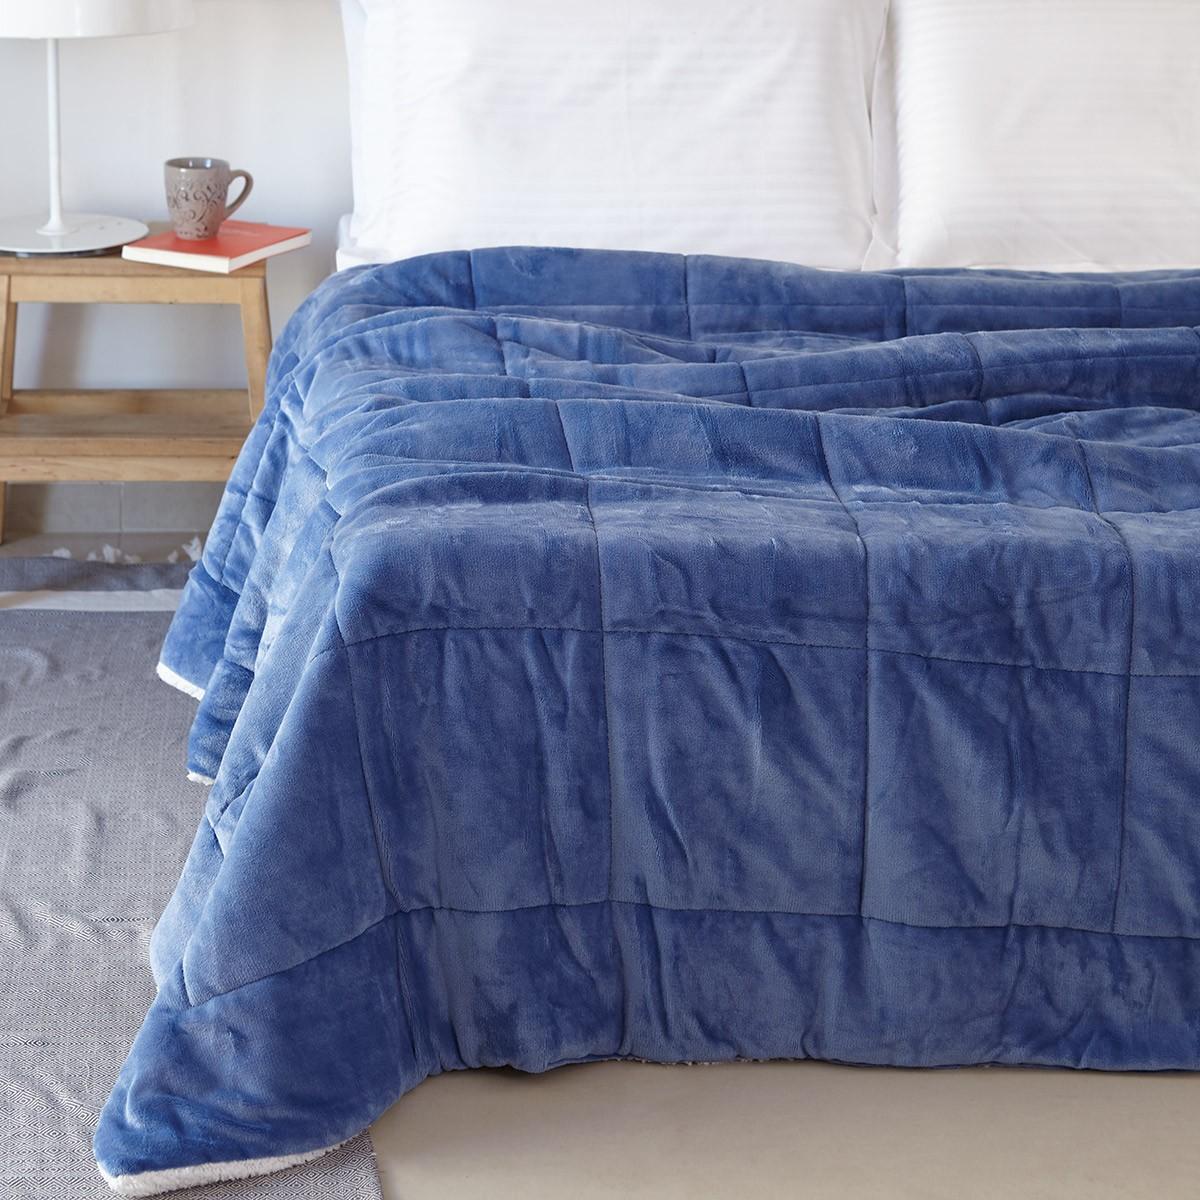 Κουβερτοπάπλωμα Μονό Melinen Molly Niagara home   κρεβατοκάμαρα   παπλώματα   κουβερτοπαπλώματα